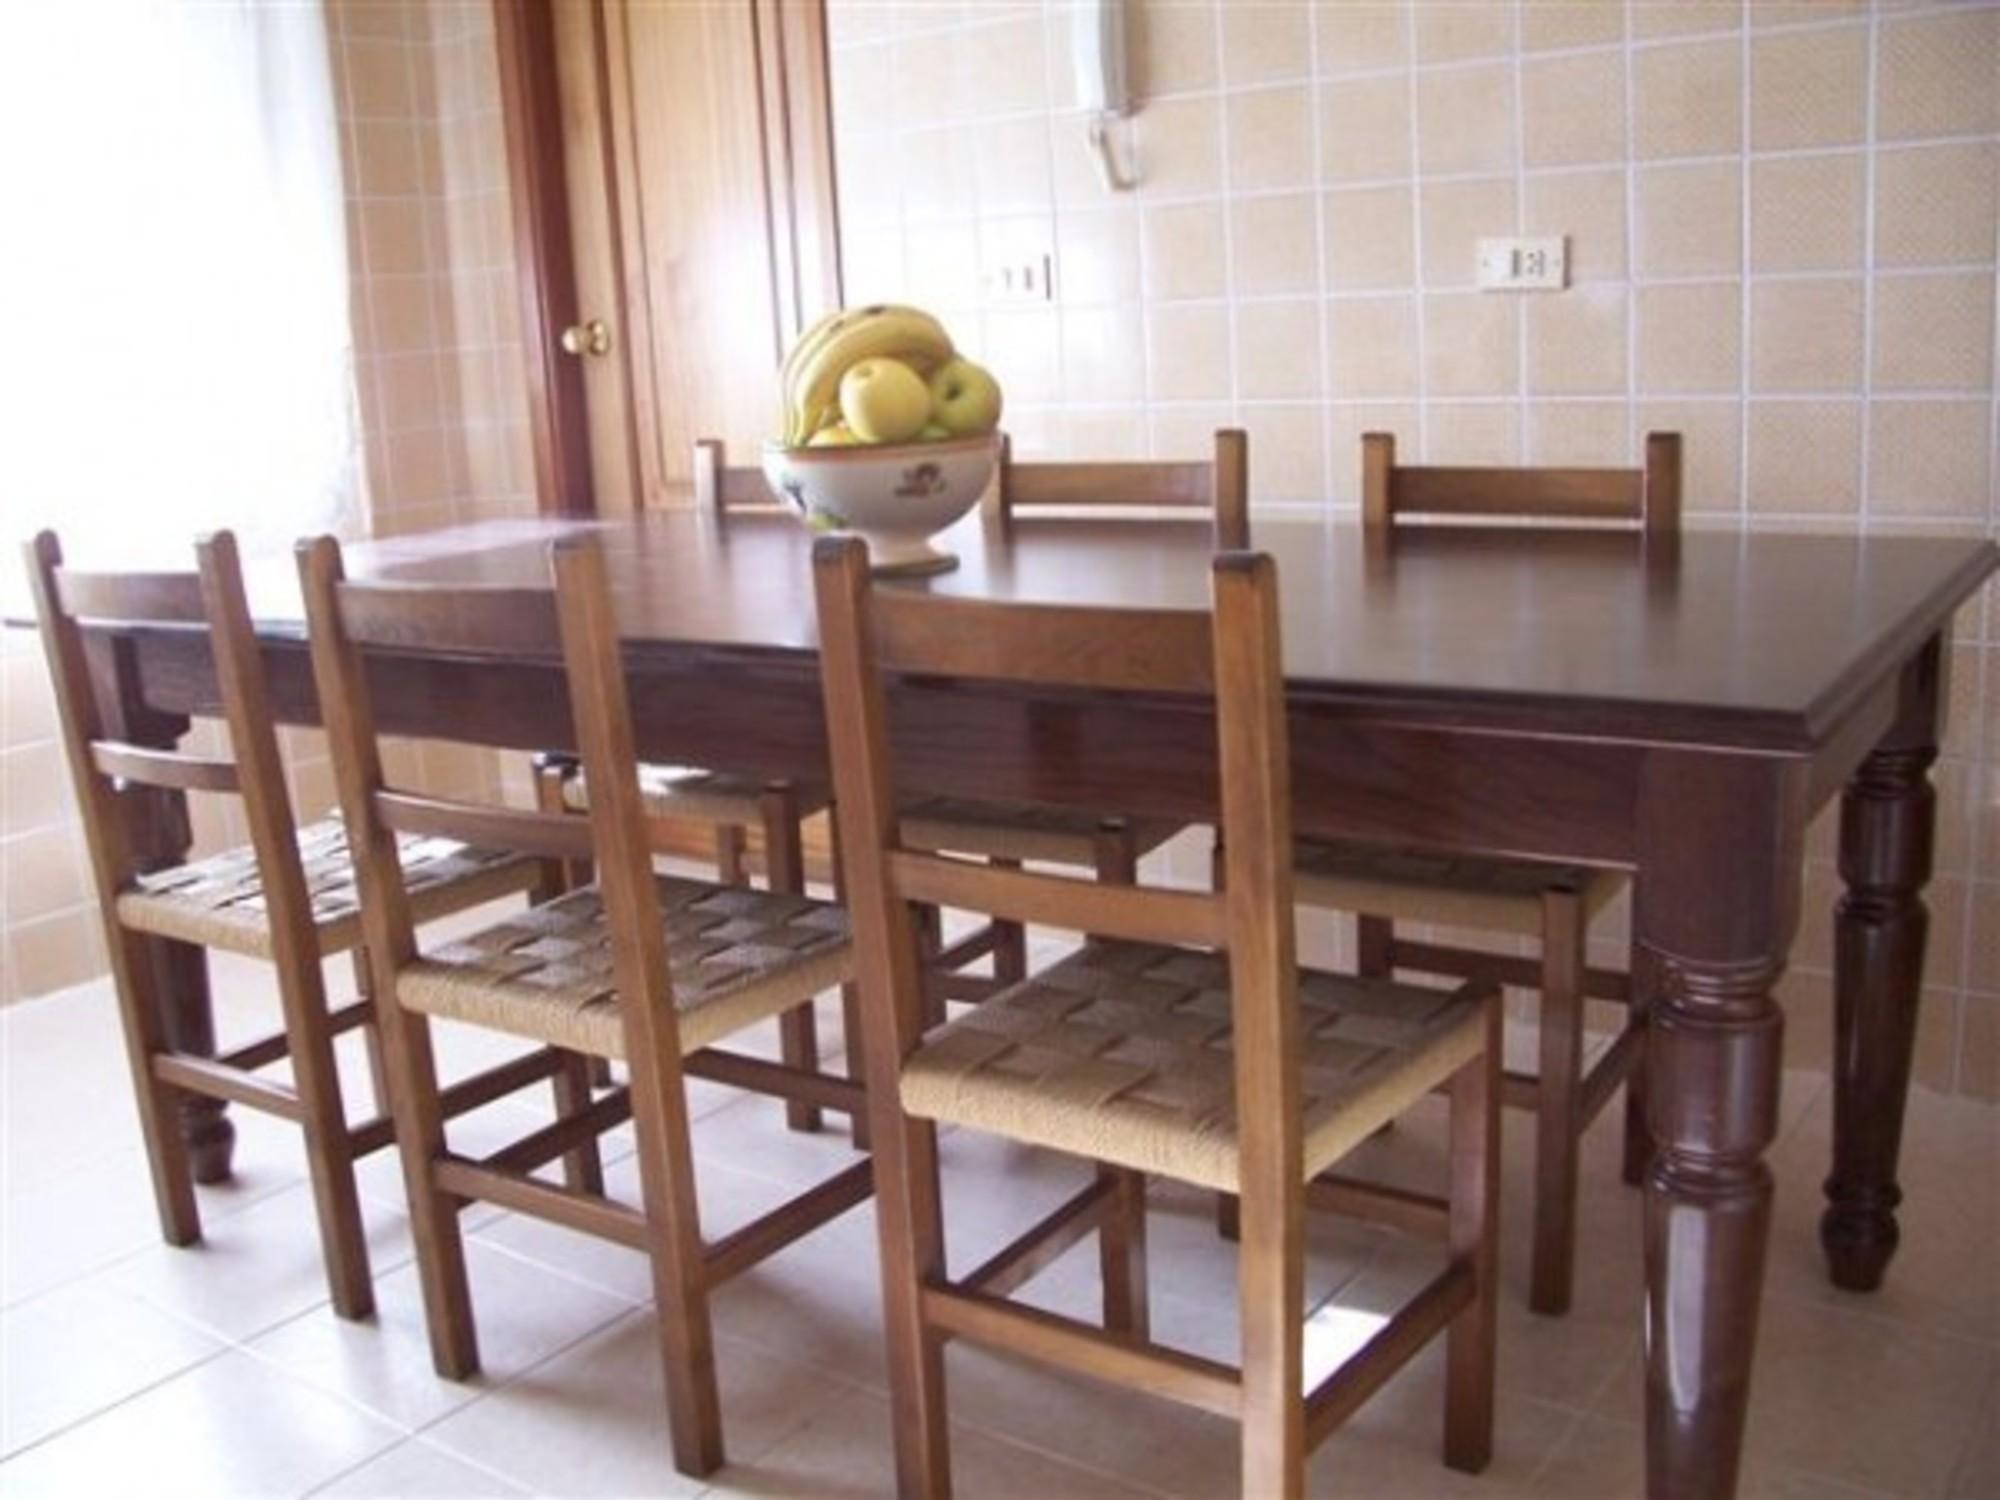 Ferienwohnung Apartment - 3 Bedrooms with WiFi - 100370 (1937622), Bon, Rias Bajas, Galicien, Spanien, Bild 3